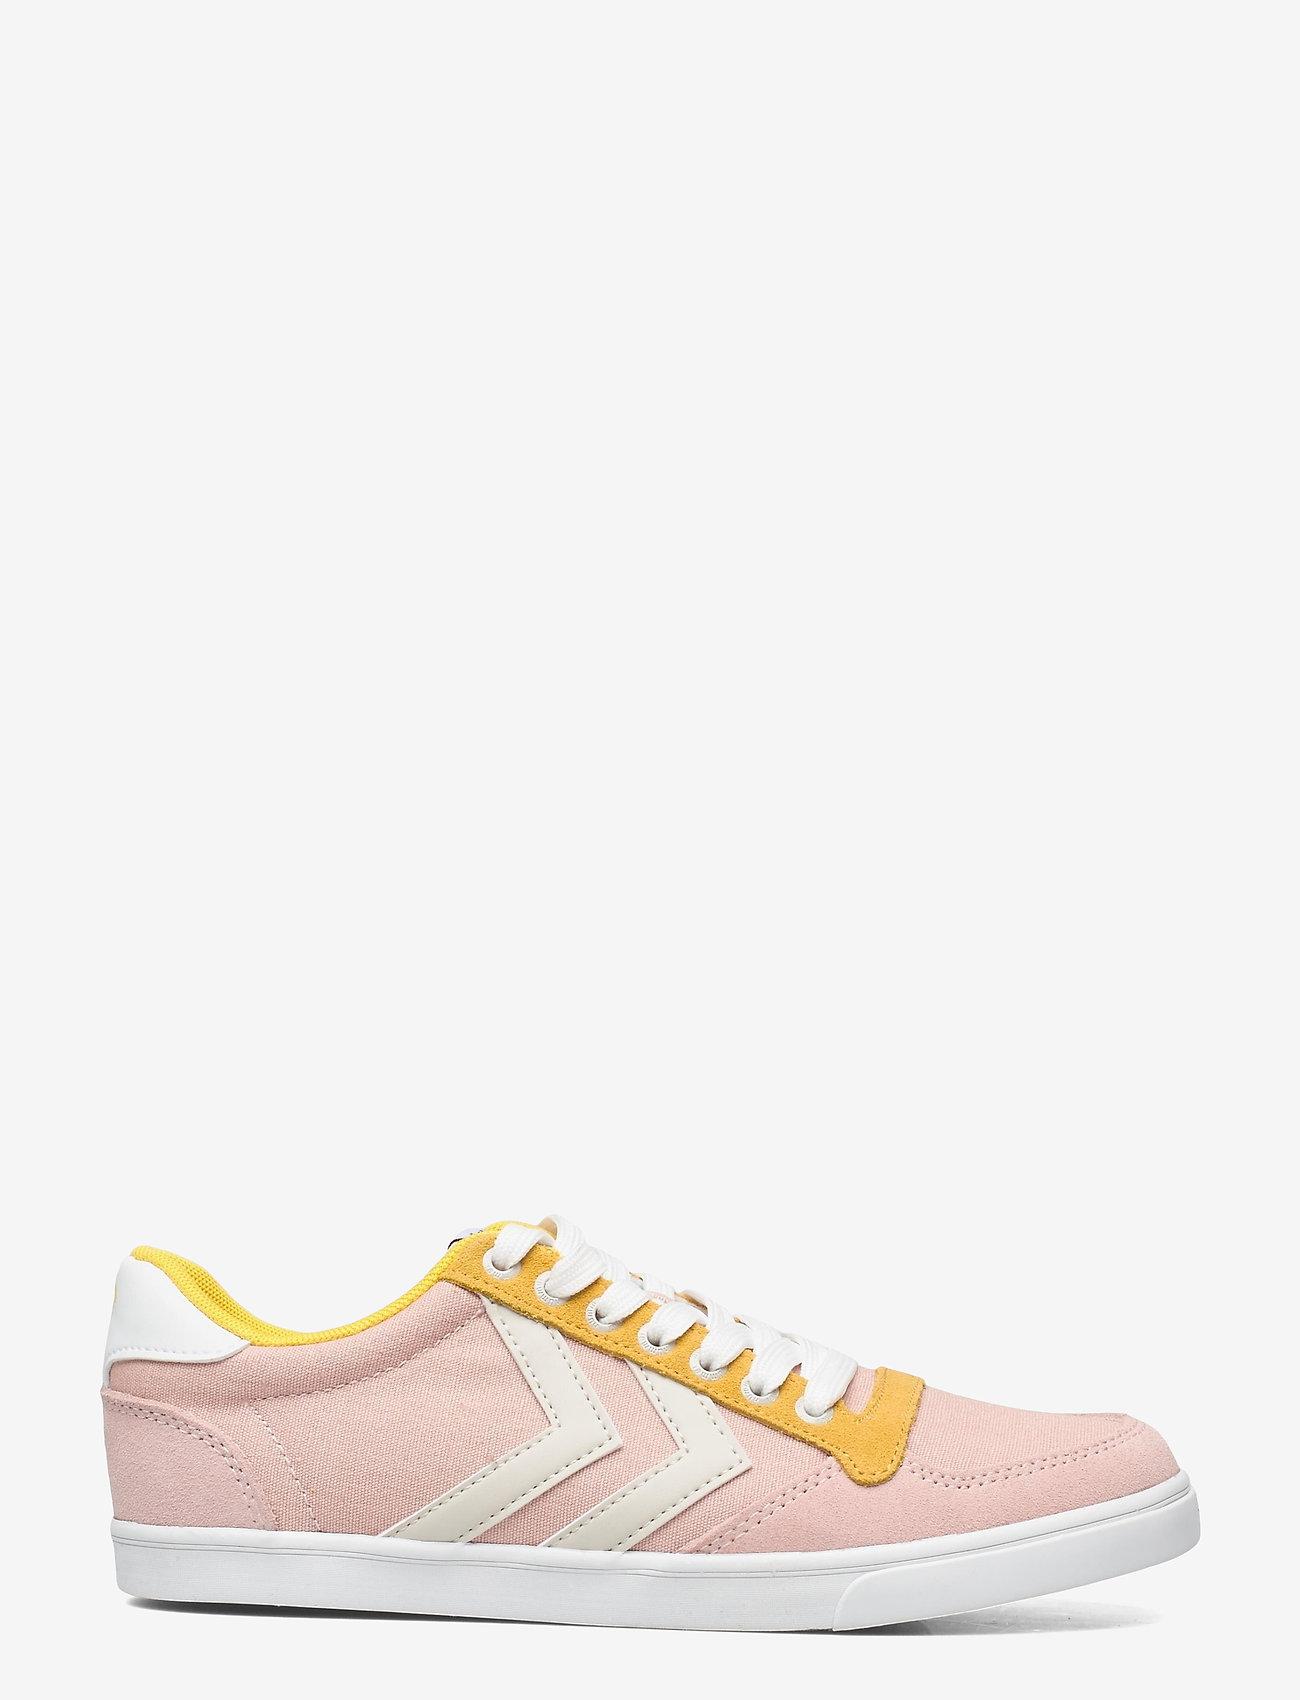 Hummel - SLIMMER STADIL LOW - laag sneakers - cloud pink - 0